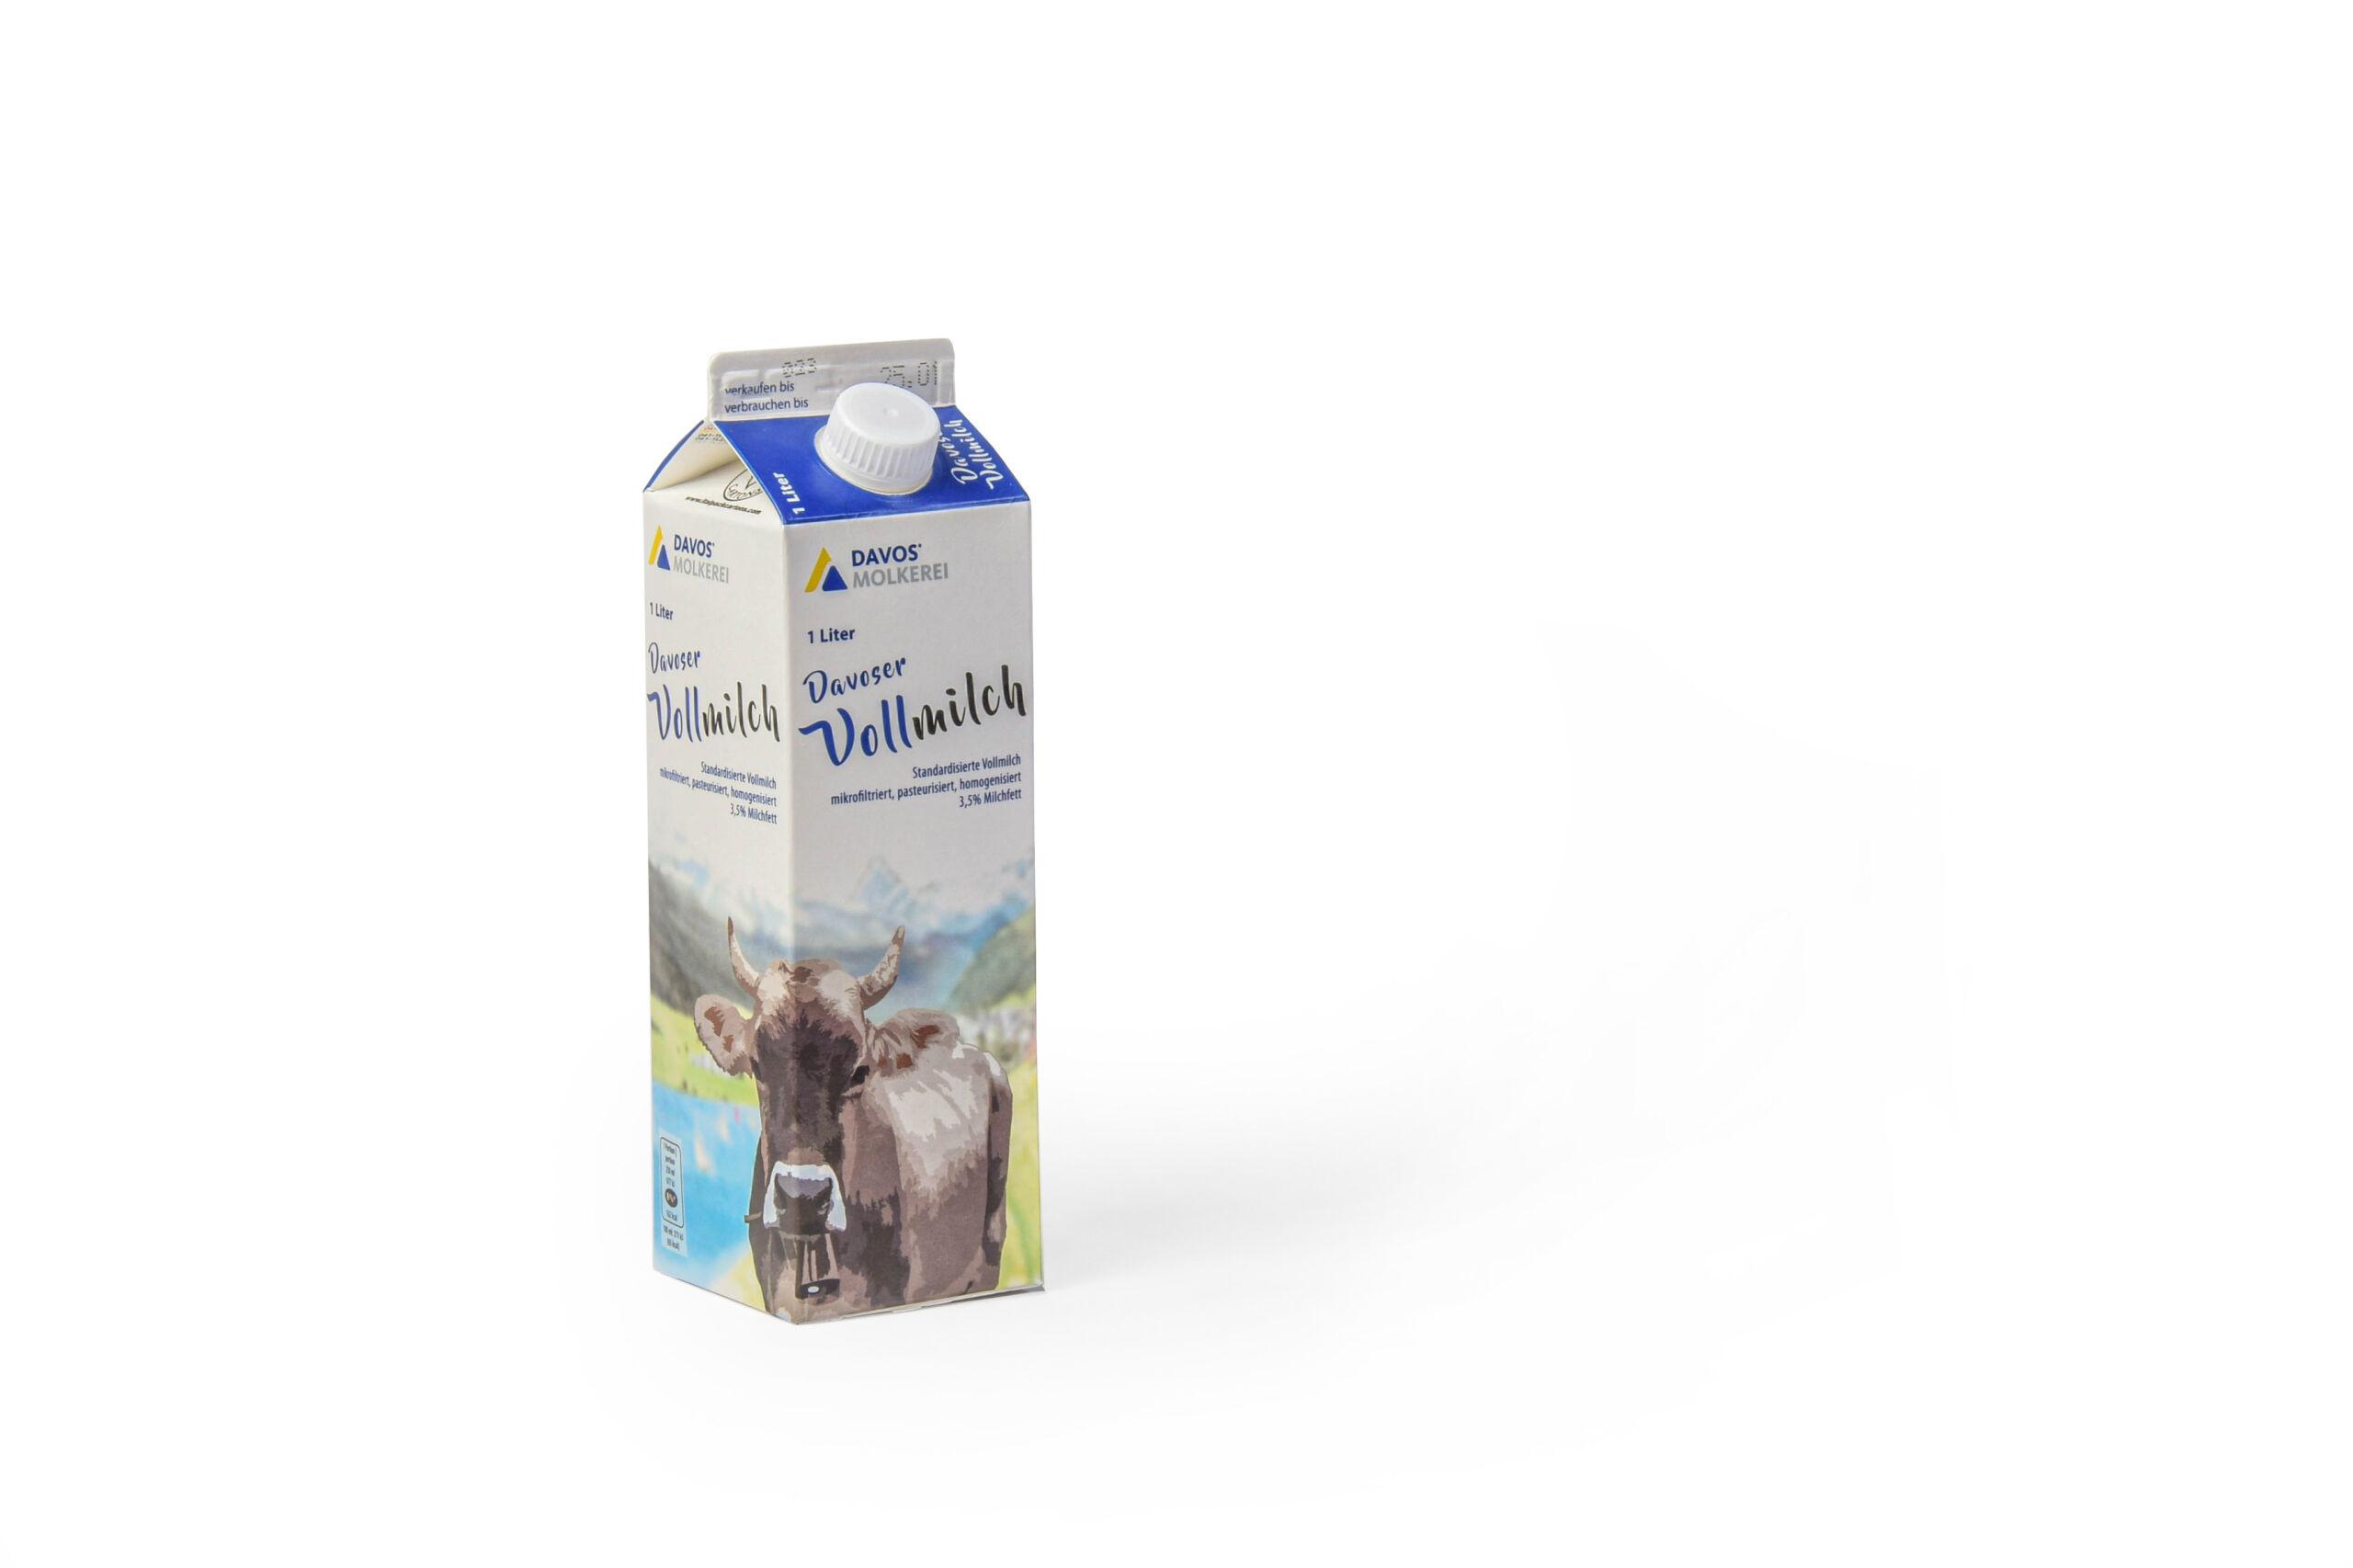 Davoser Milch ist das natürliche Produkt der Landschaft Davos. Sorgfältig verarbeitet, überzeugt Davosermilch durch ihren geschmackvollen Gehalt. 3.5% Milchfett.